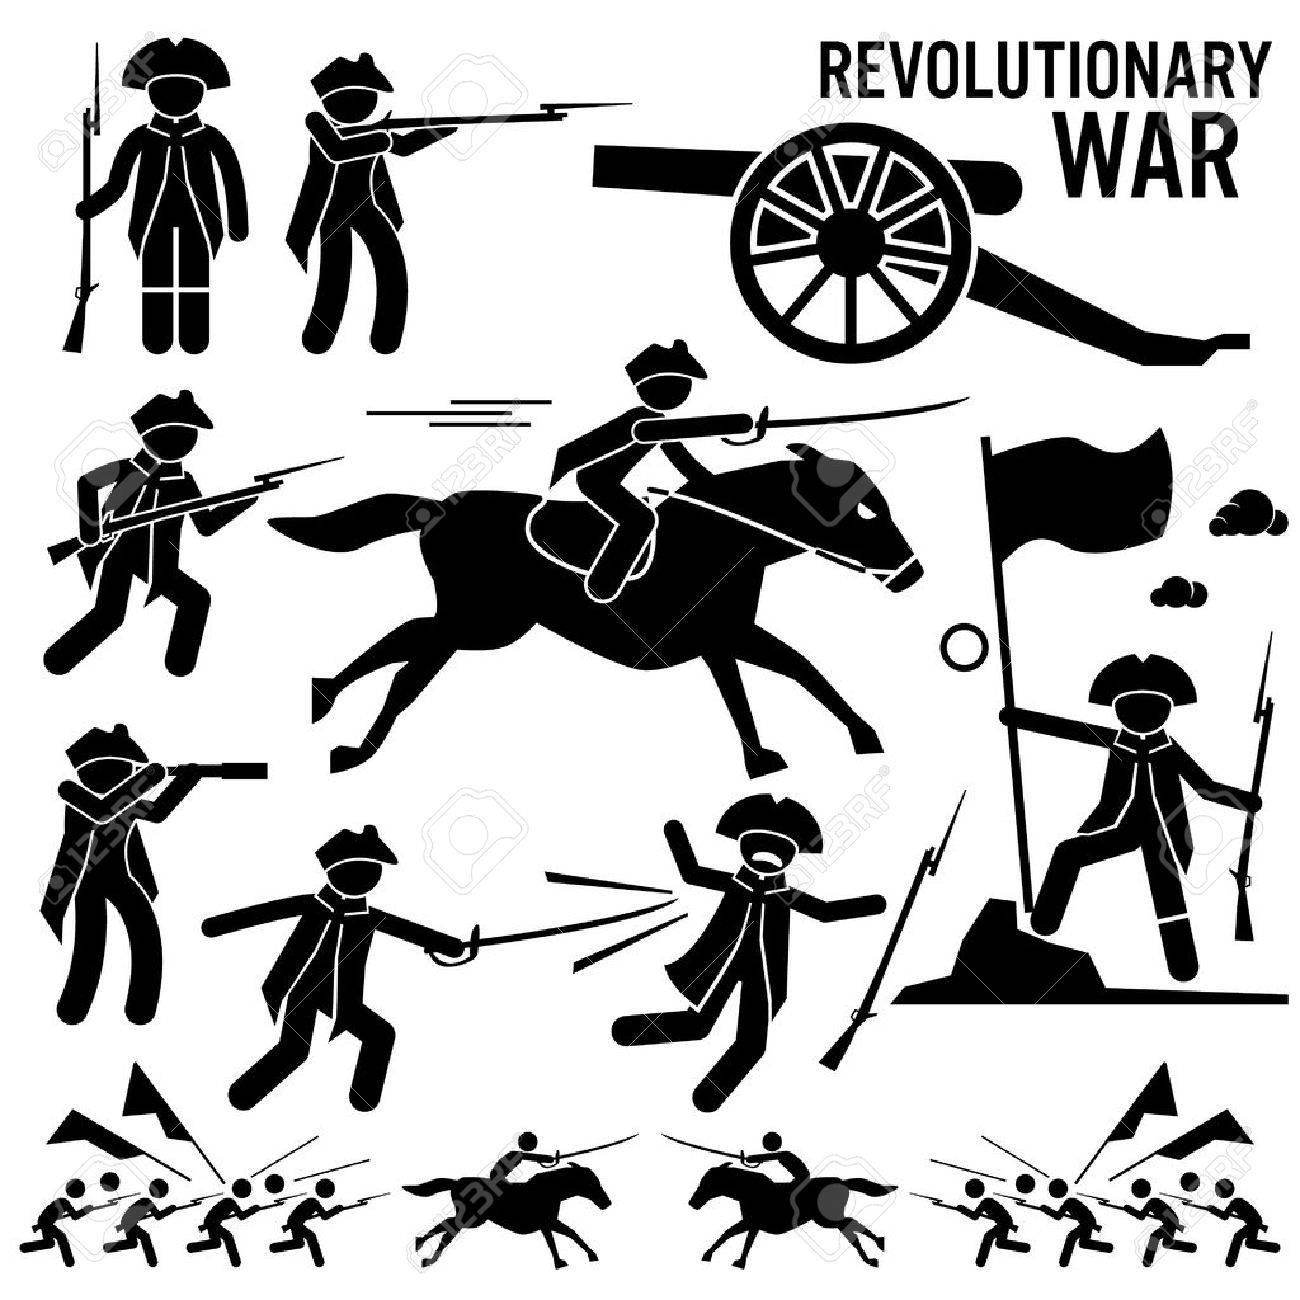 revolutionary war soldier horse gun sword fight independence rh 123rf com Patriots Revolutionary War Clip Art American Revolutionary War